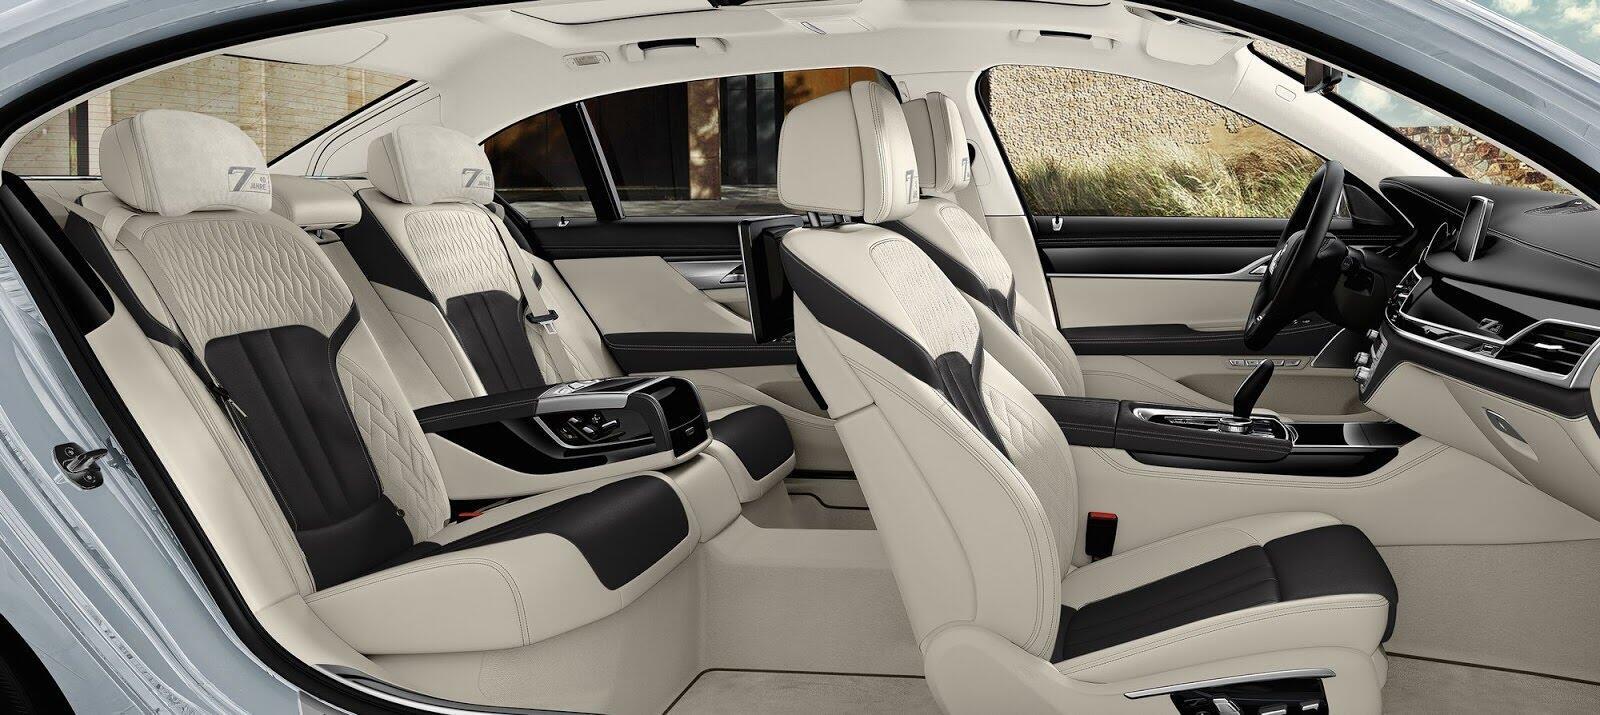 BMW 7-Series ra mắt phiên bản kỷ niệm chỉ 200 chiếc - Hình 6